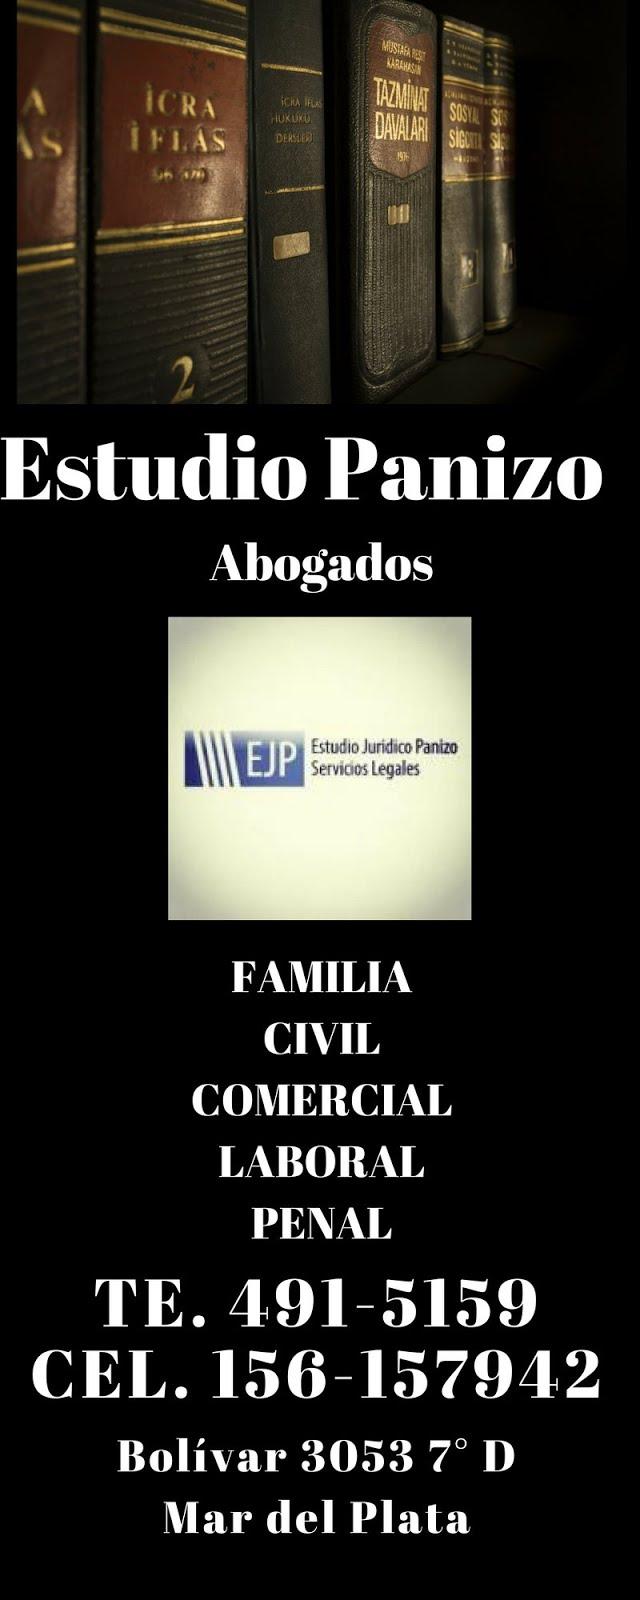 Abogados Sucesiones Mar del Plata | Panizo Abogados | Estudio Jurídico en Mar del Plata